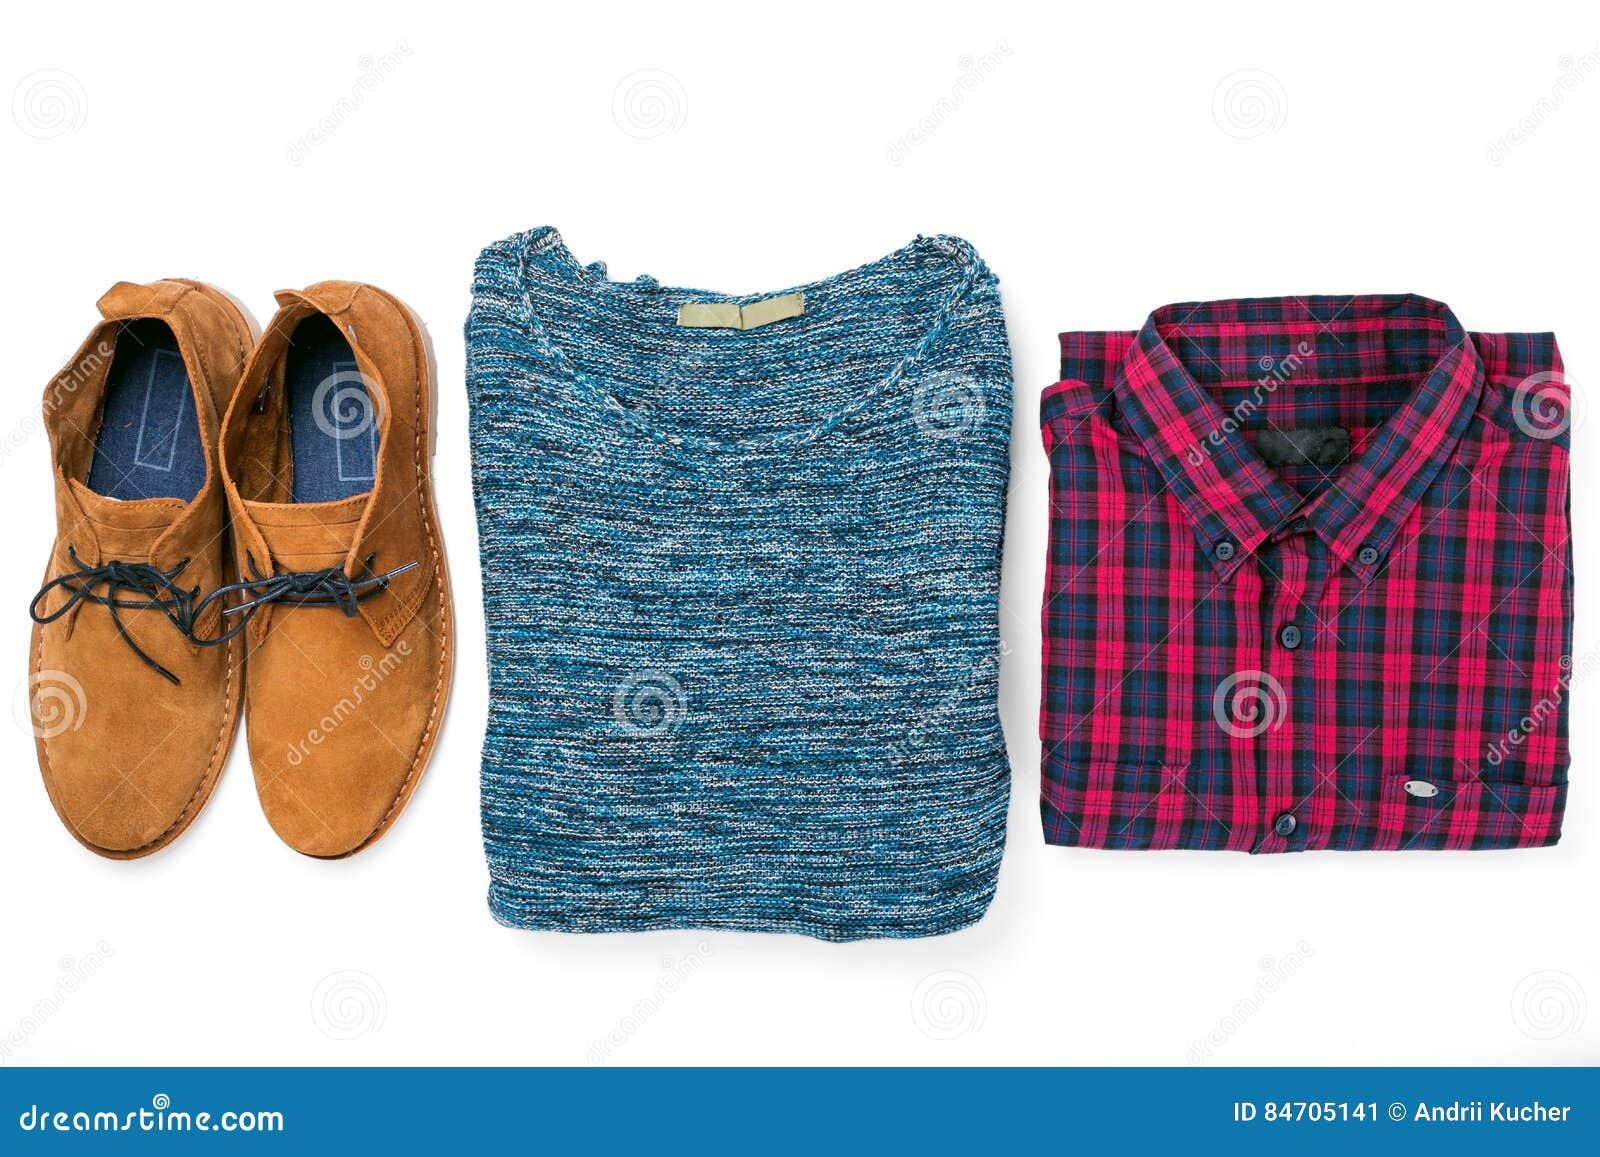 CamisaEl Collage Suéter La Con De Para Ropa Hombre Determinado BWQrCoexd